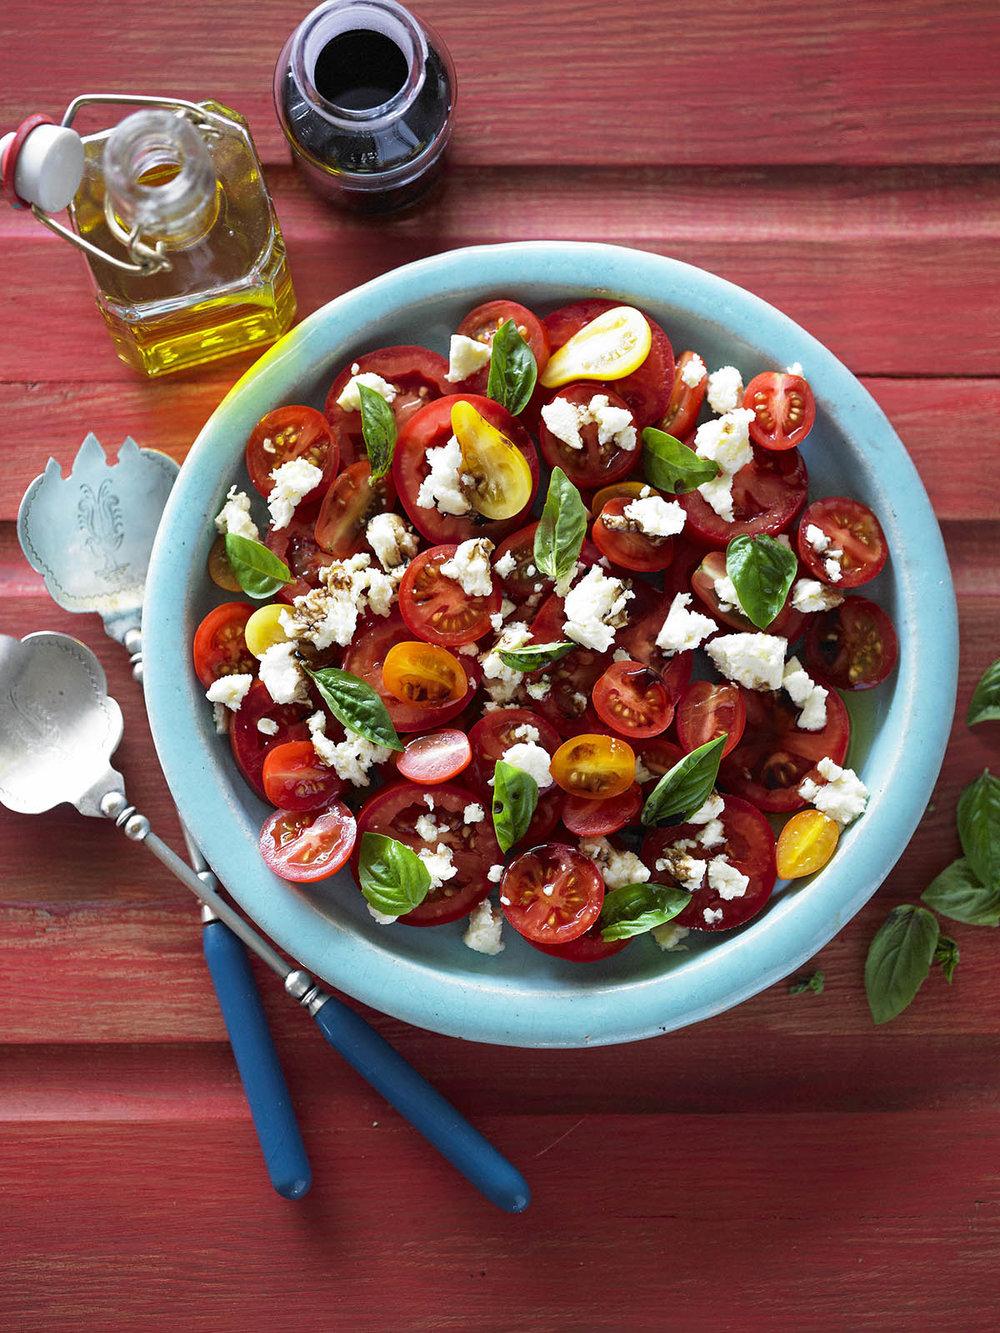 Tomato and Feta jpeg_resized.jpg